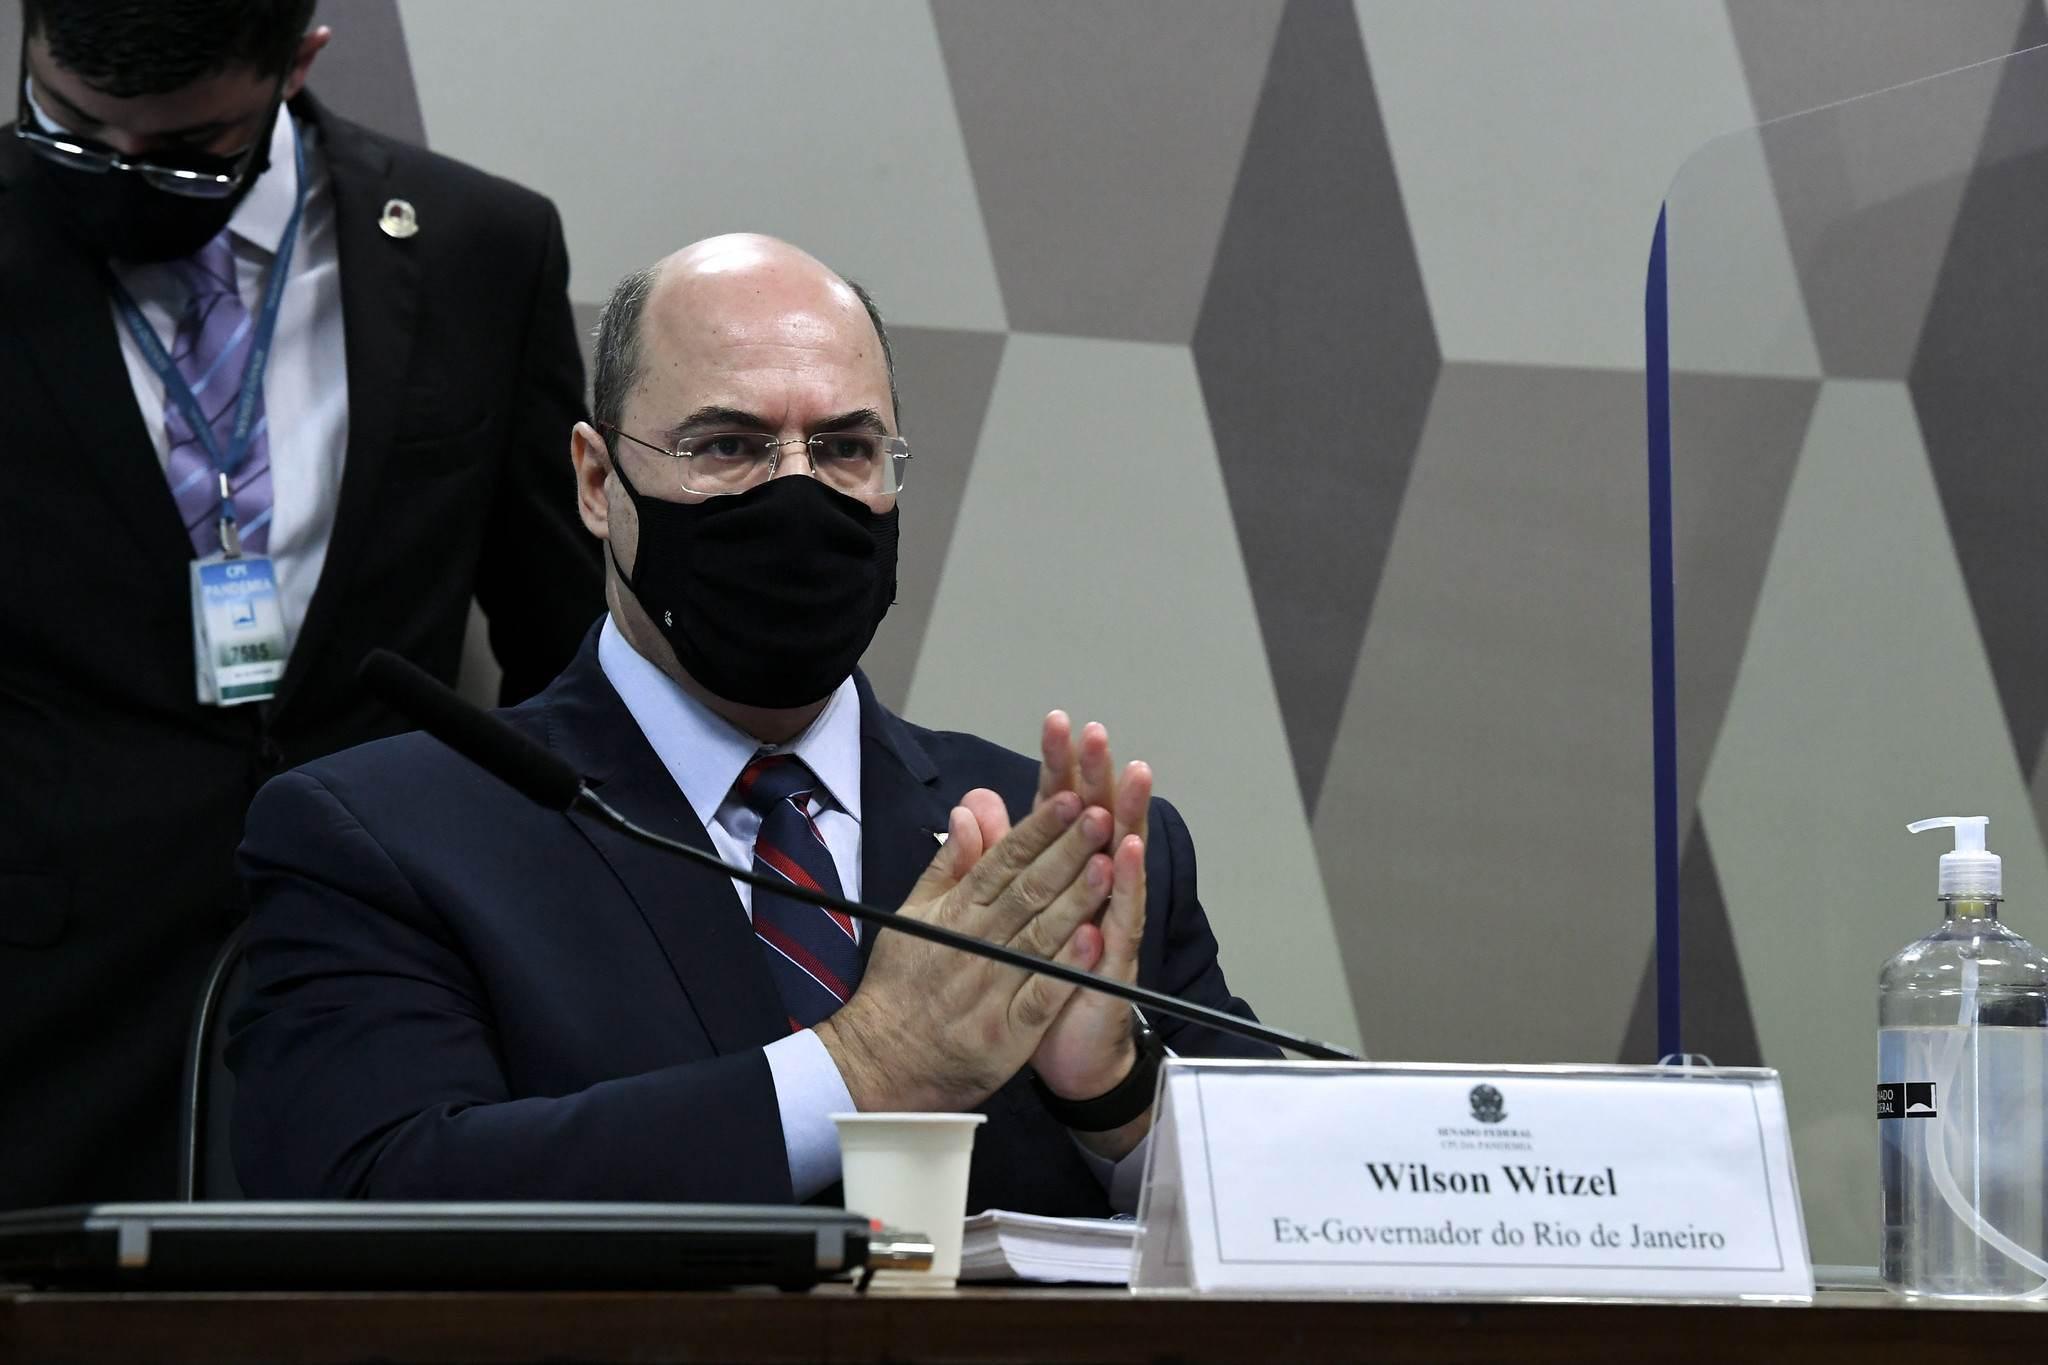 Ex-governador do Rio de Janeiro, Wilson Witzel, é ouvido pela CPI da Pandemia